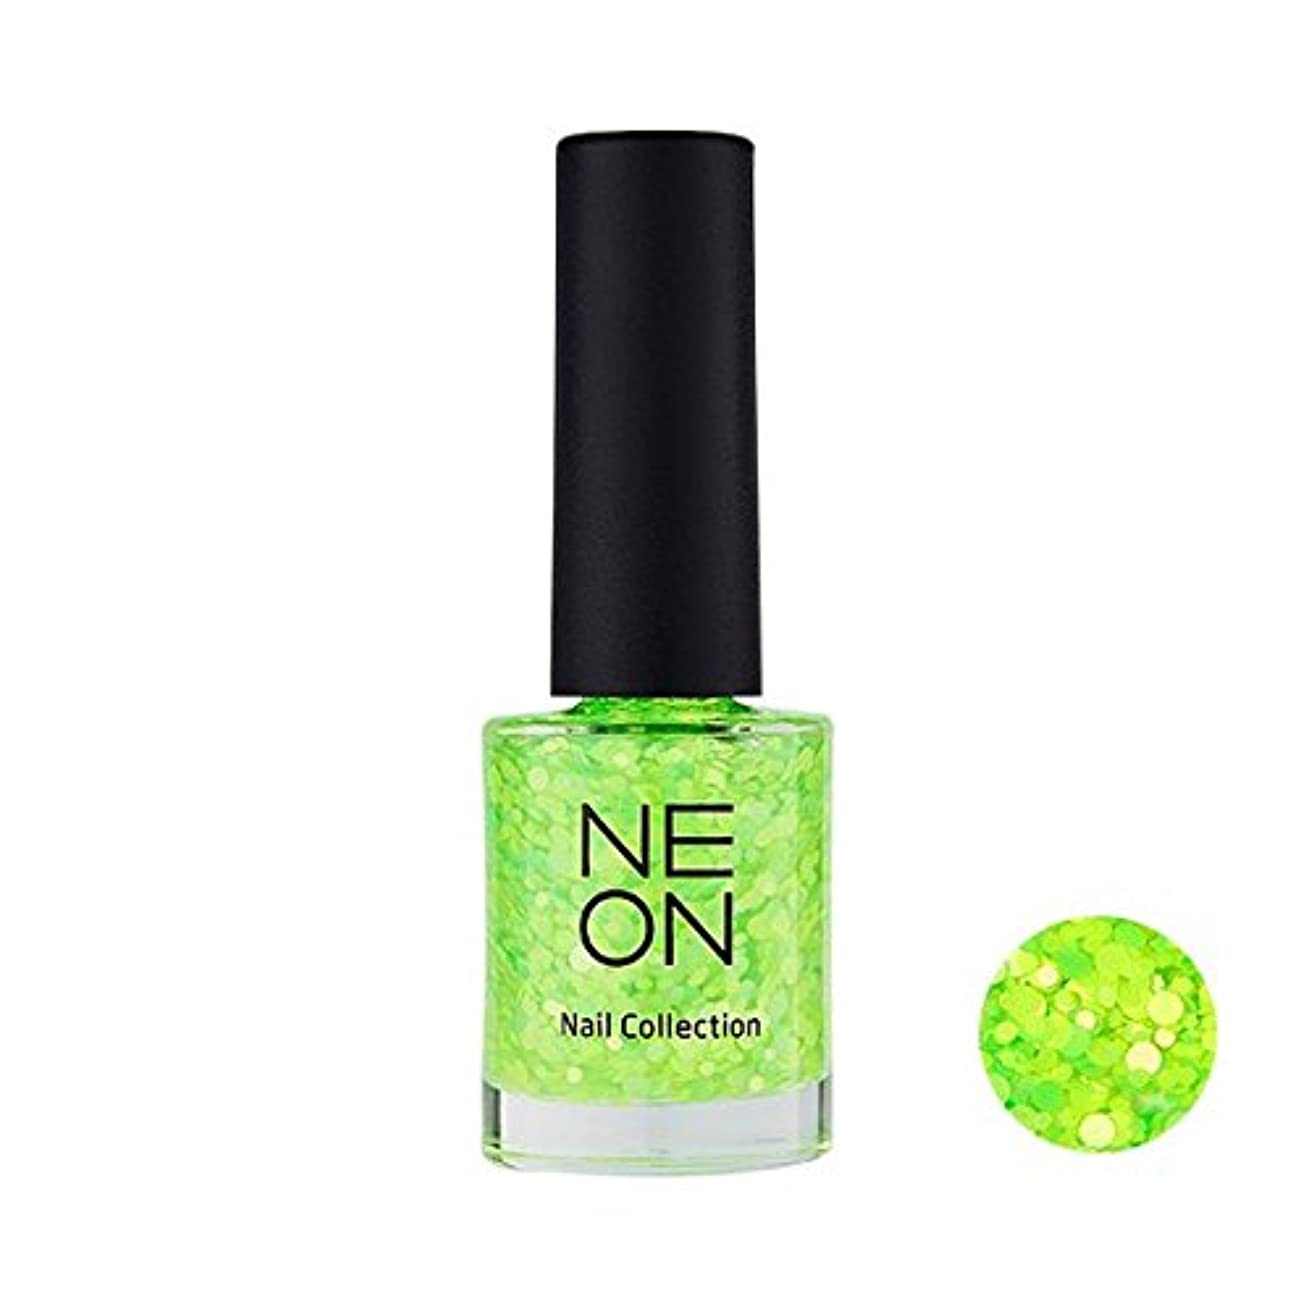 受け入れた九月軍隊It'S SKIN Neon nail collection [04 Neon Glitter green] イッツスキン ネオンネイルコレクション [04 ネオン グリッター グリーン] [並行輸入品]